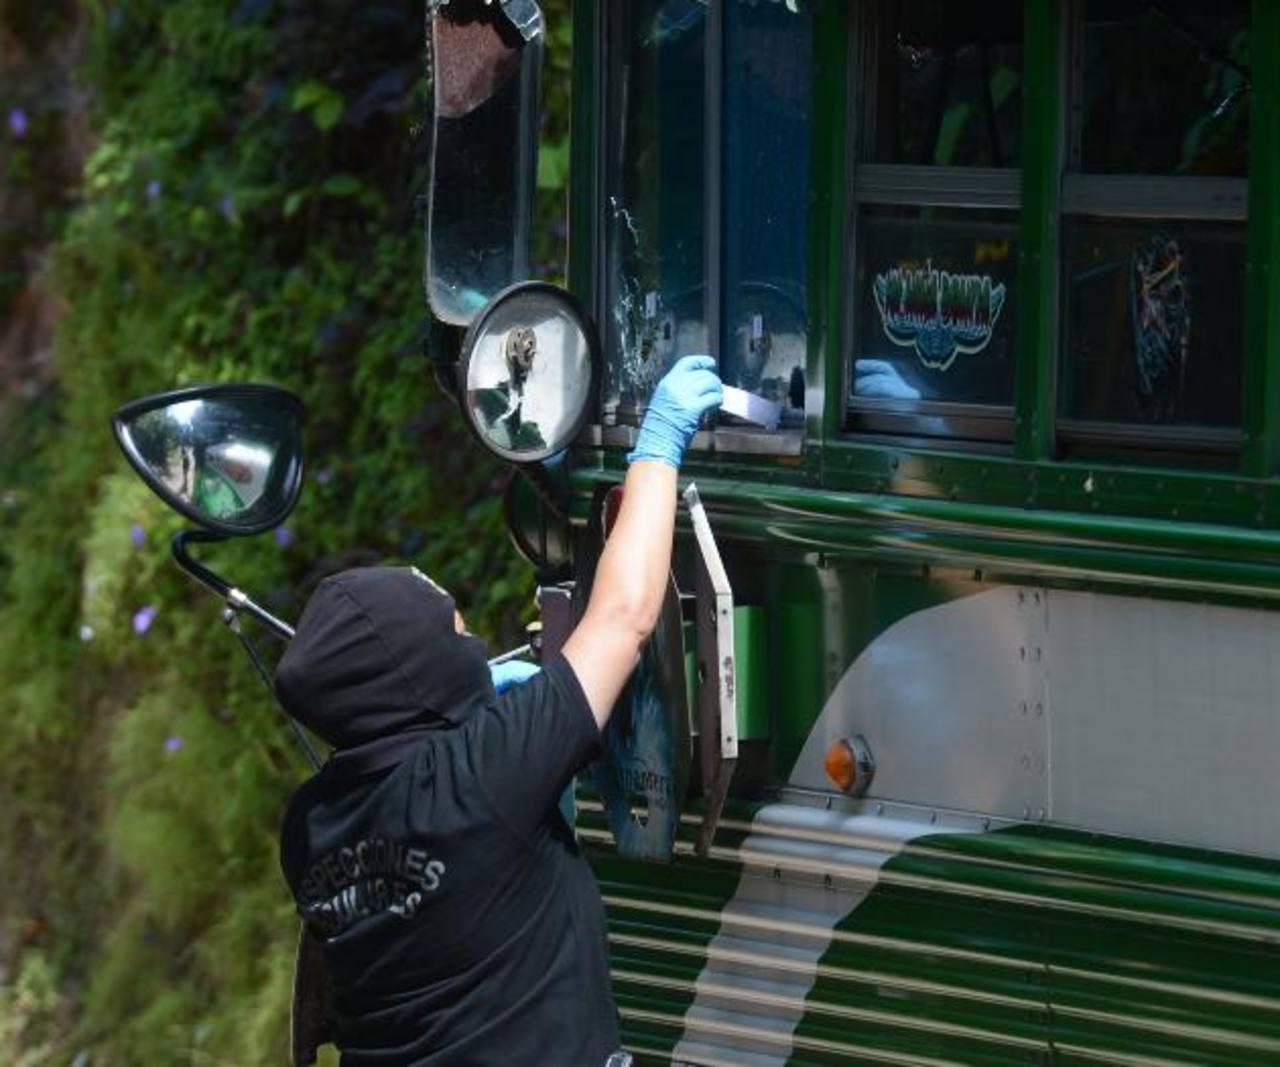 Un investigador levanta evidencias del autobús placas 76-743, cuyo conductor fue asesinado la mañana de ayer en el cantón San Francisco de San Pedro Perulapán. Foto EDH / Douglas Urquilla